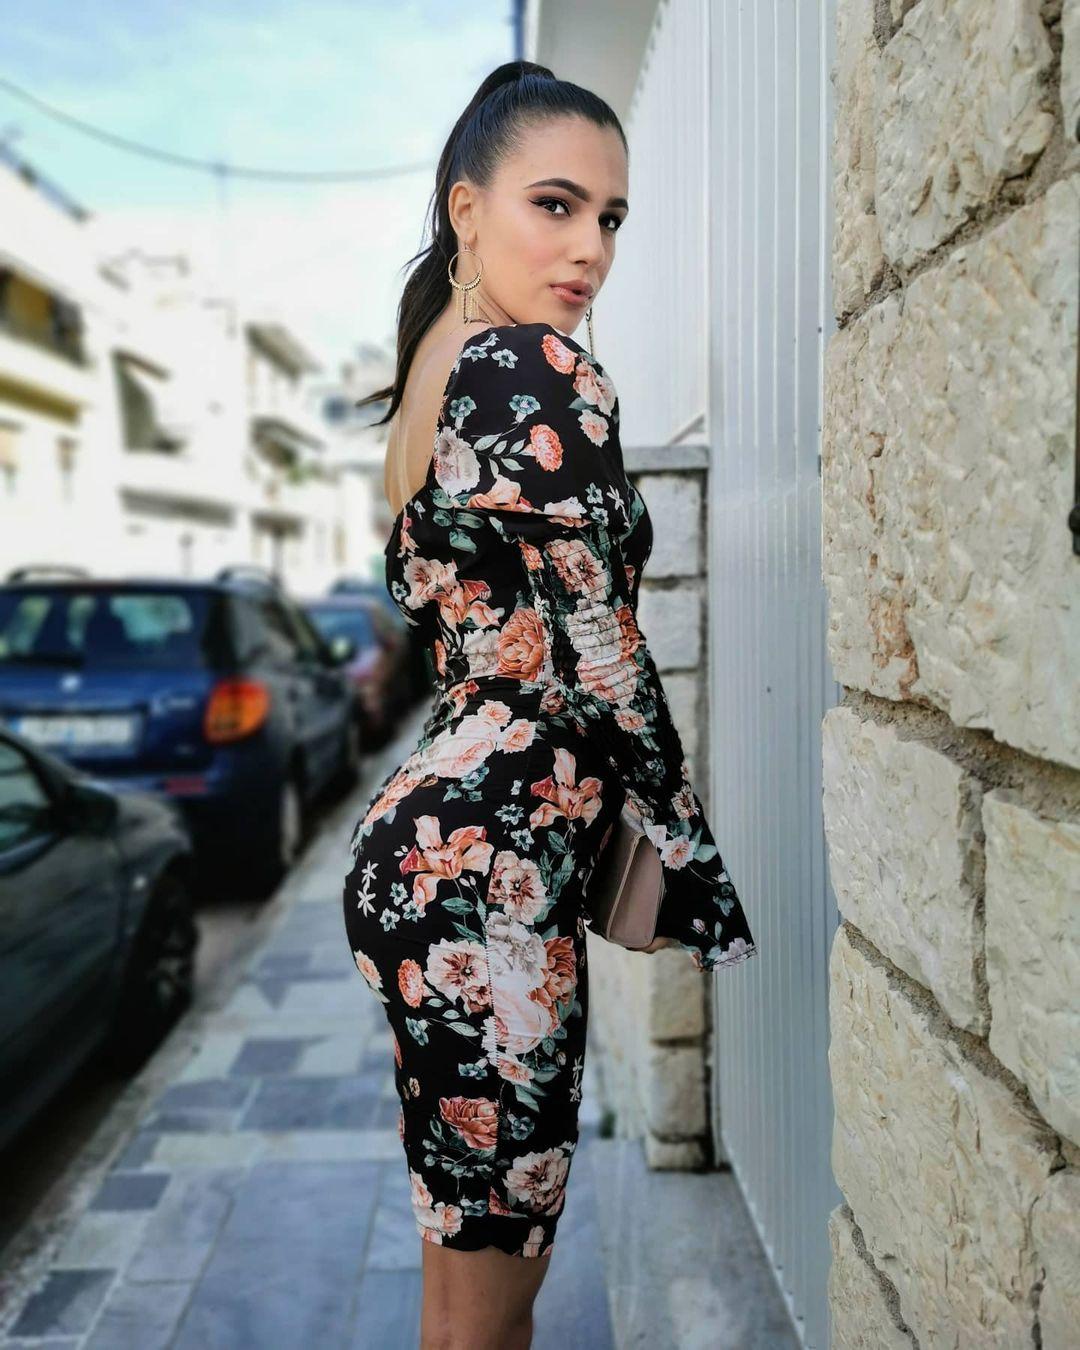 Dora-Konstadopoulou-Wallpapers-Insta-Fit-Bio-1